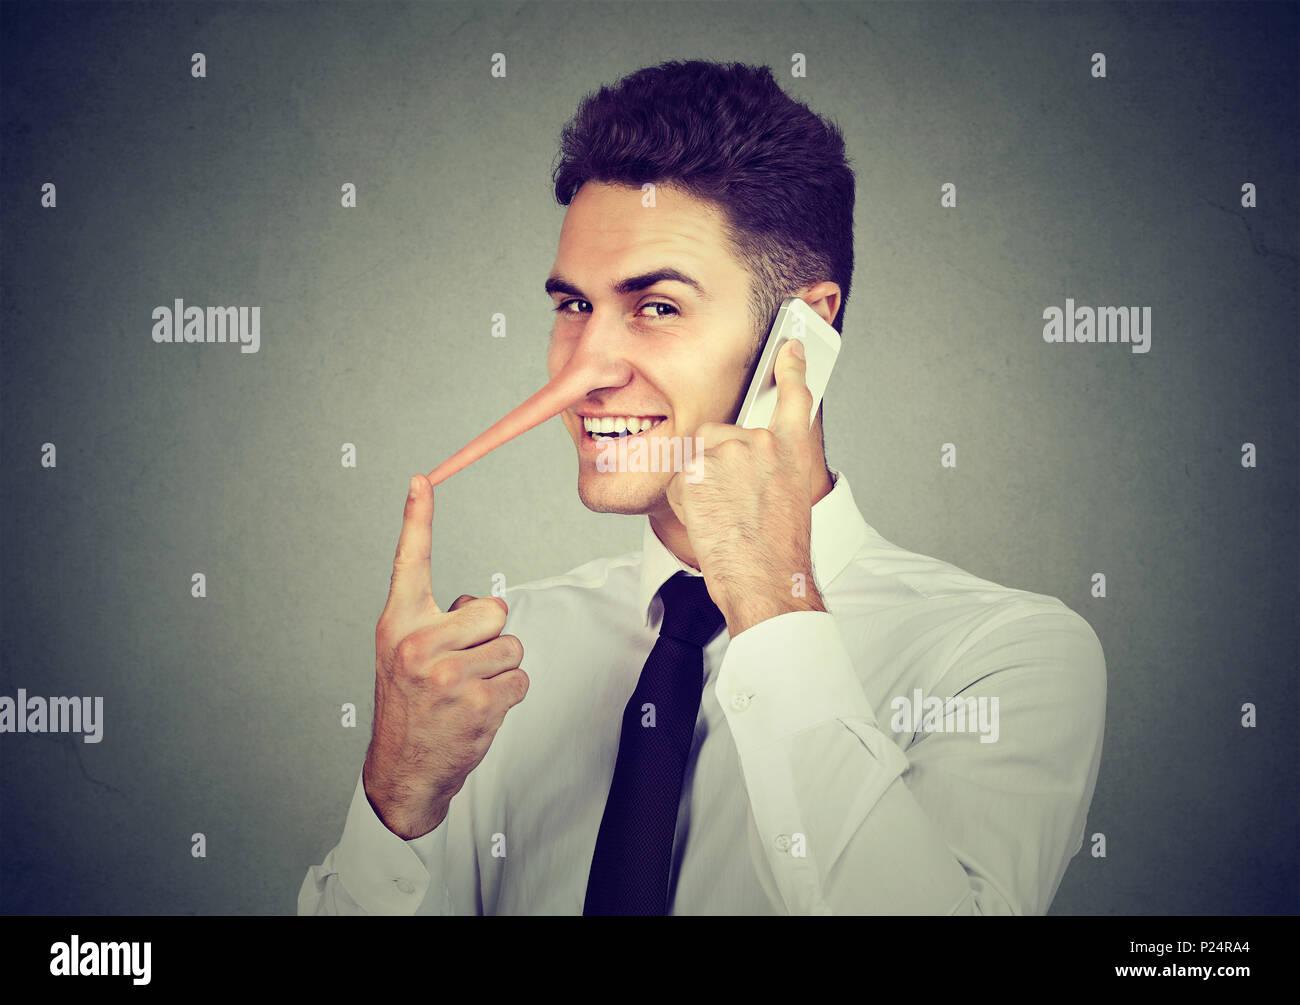 Sly giovane con il naso lungo parlando al telefono cellulare isolata sul muro grigio Sfondo. Concetto bugiardo. Emozione umana sentimenti, tratti caratteriali Immagini Stock